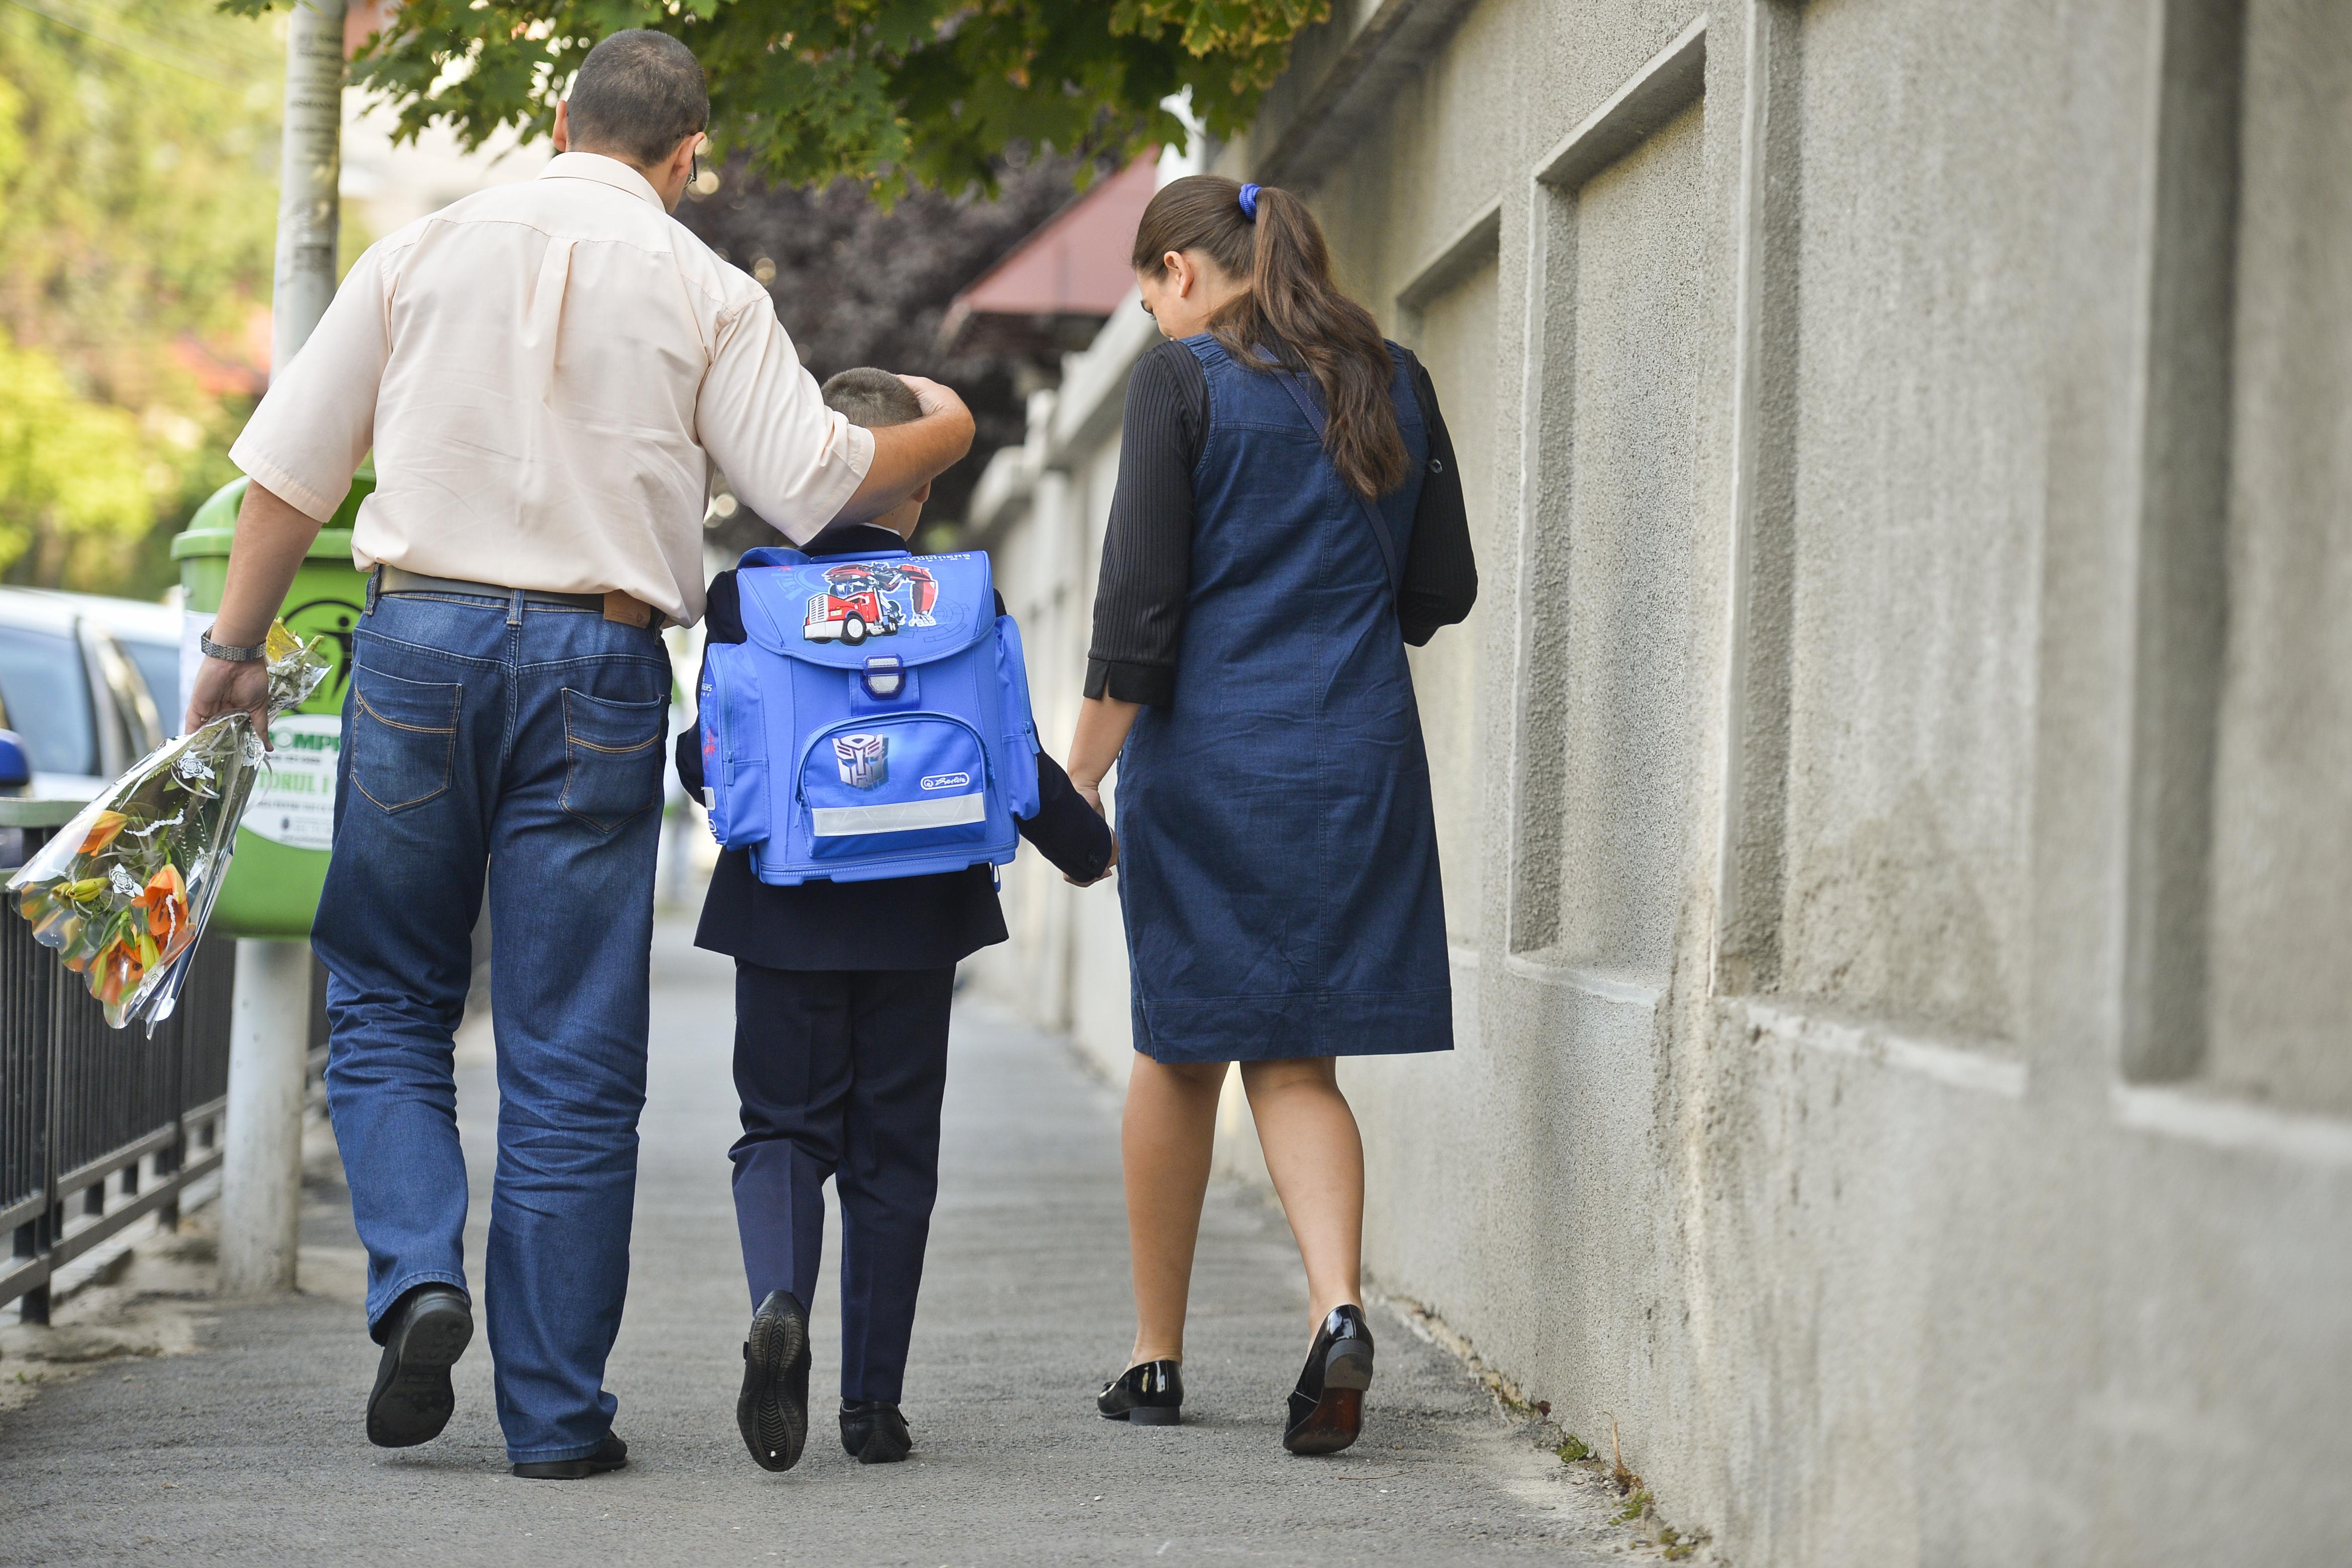 ISMB cere şcolilor supravegherea atentă a elevilor după cazul poliţistului acuzat de pedofilie. Cele trei măsuri dorite de Inspectoratul Şcolar Bucureşti